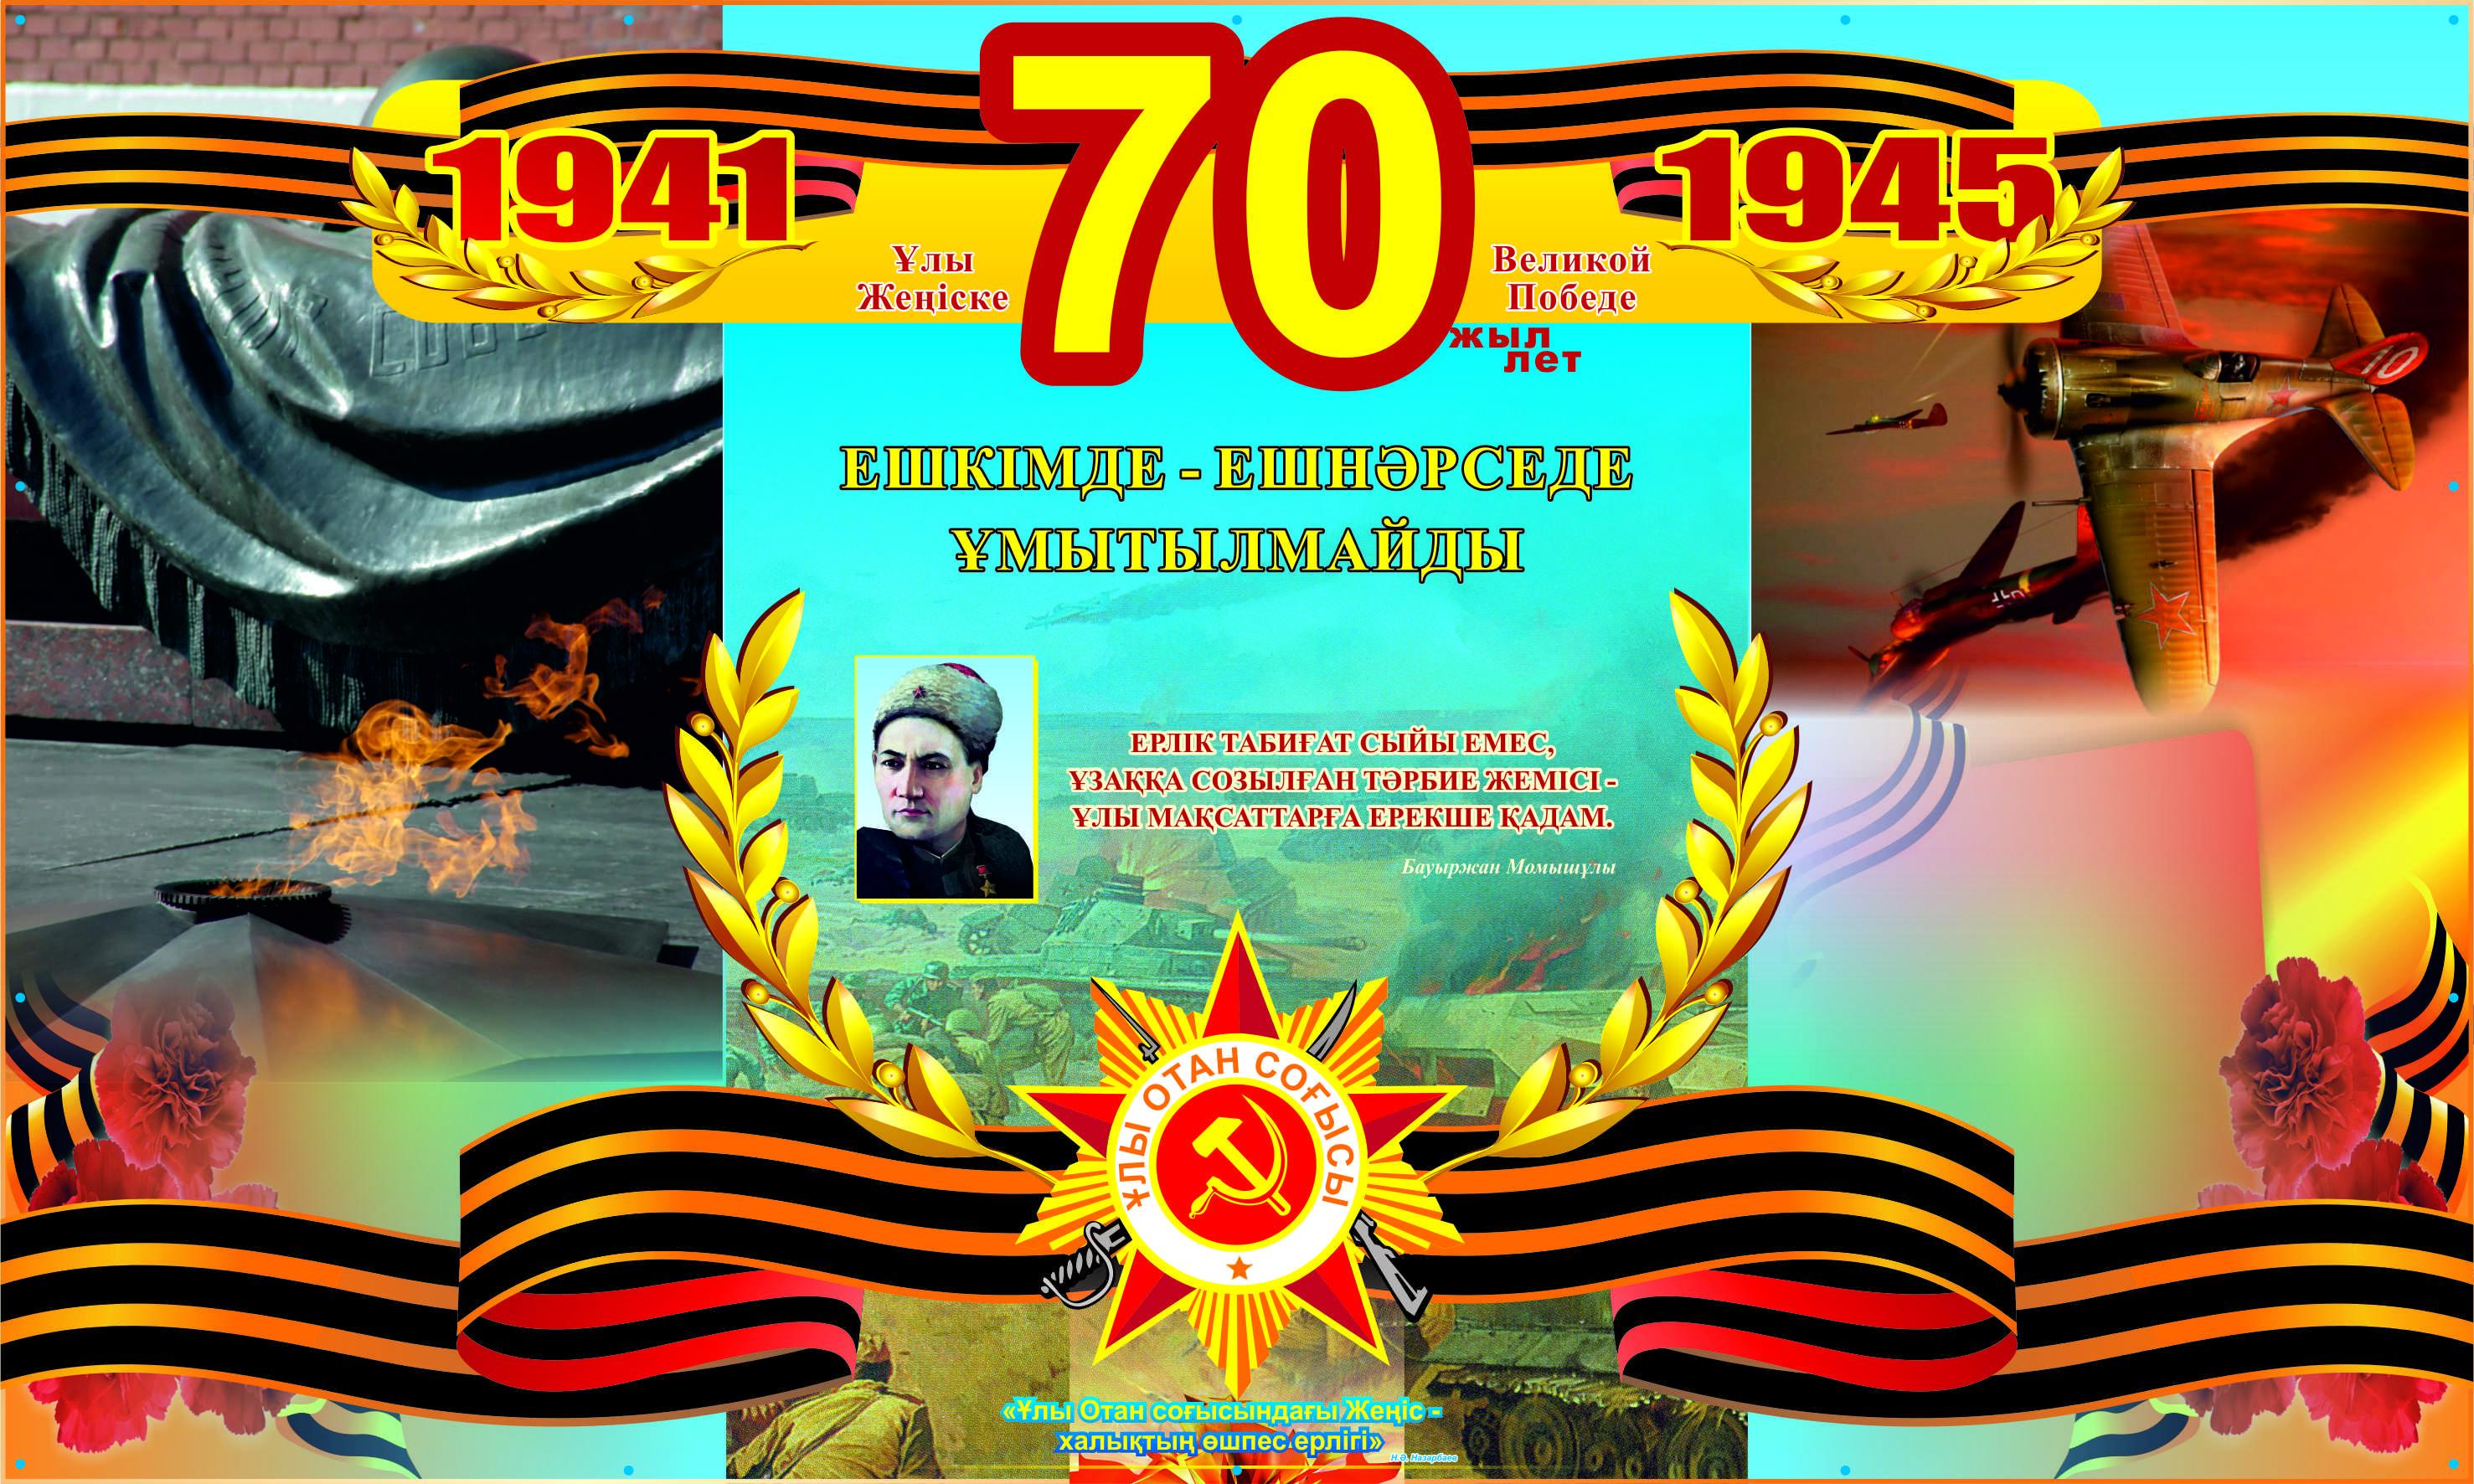 ВОВ 70 лет11111